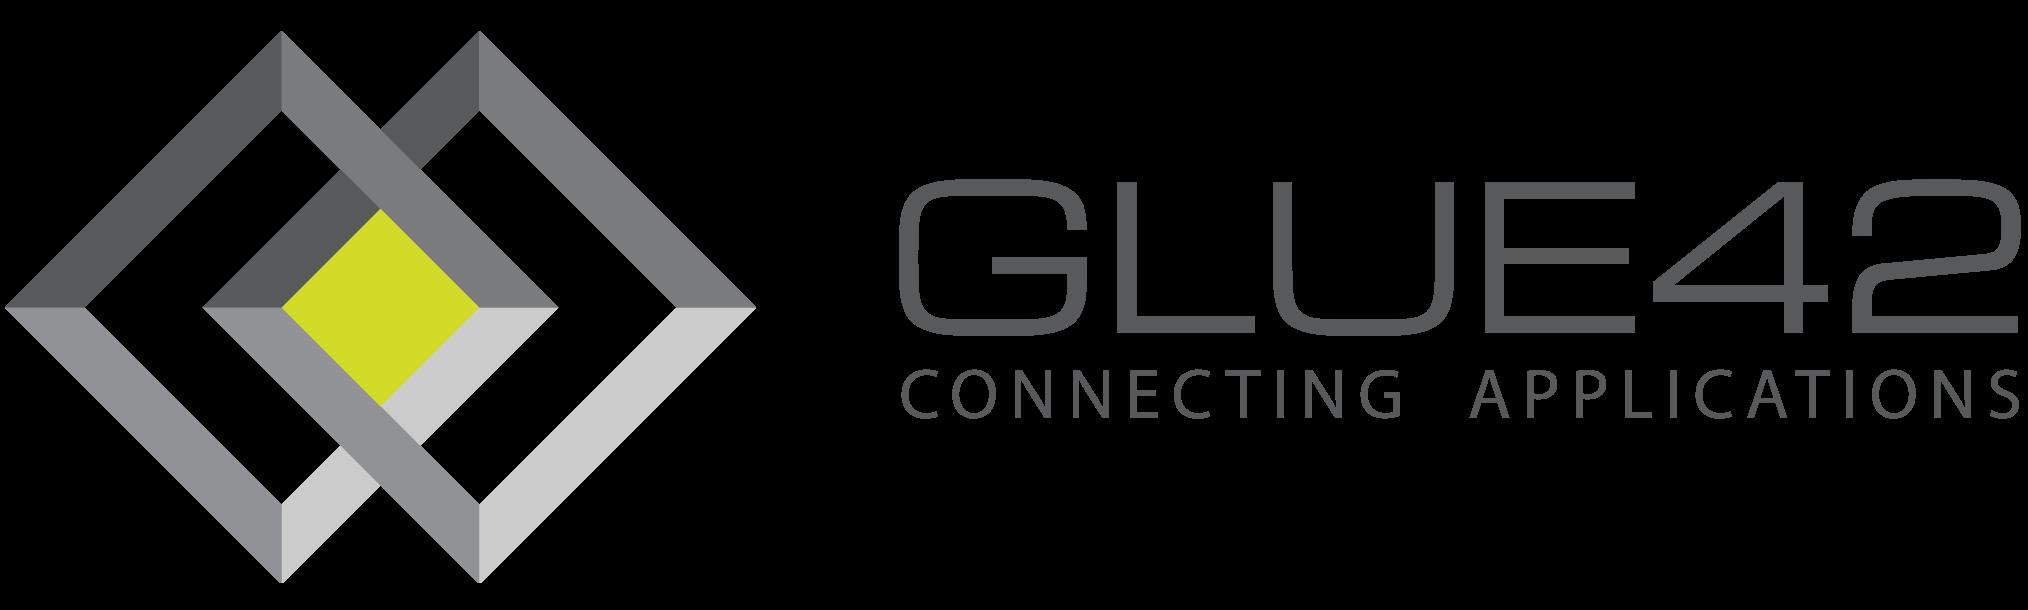 GLUE42